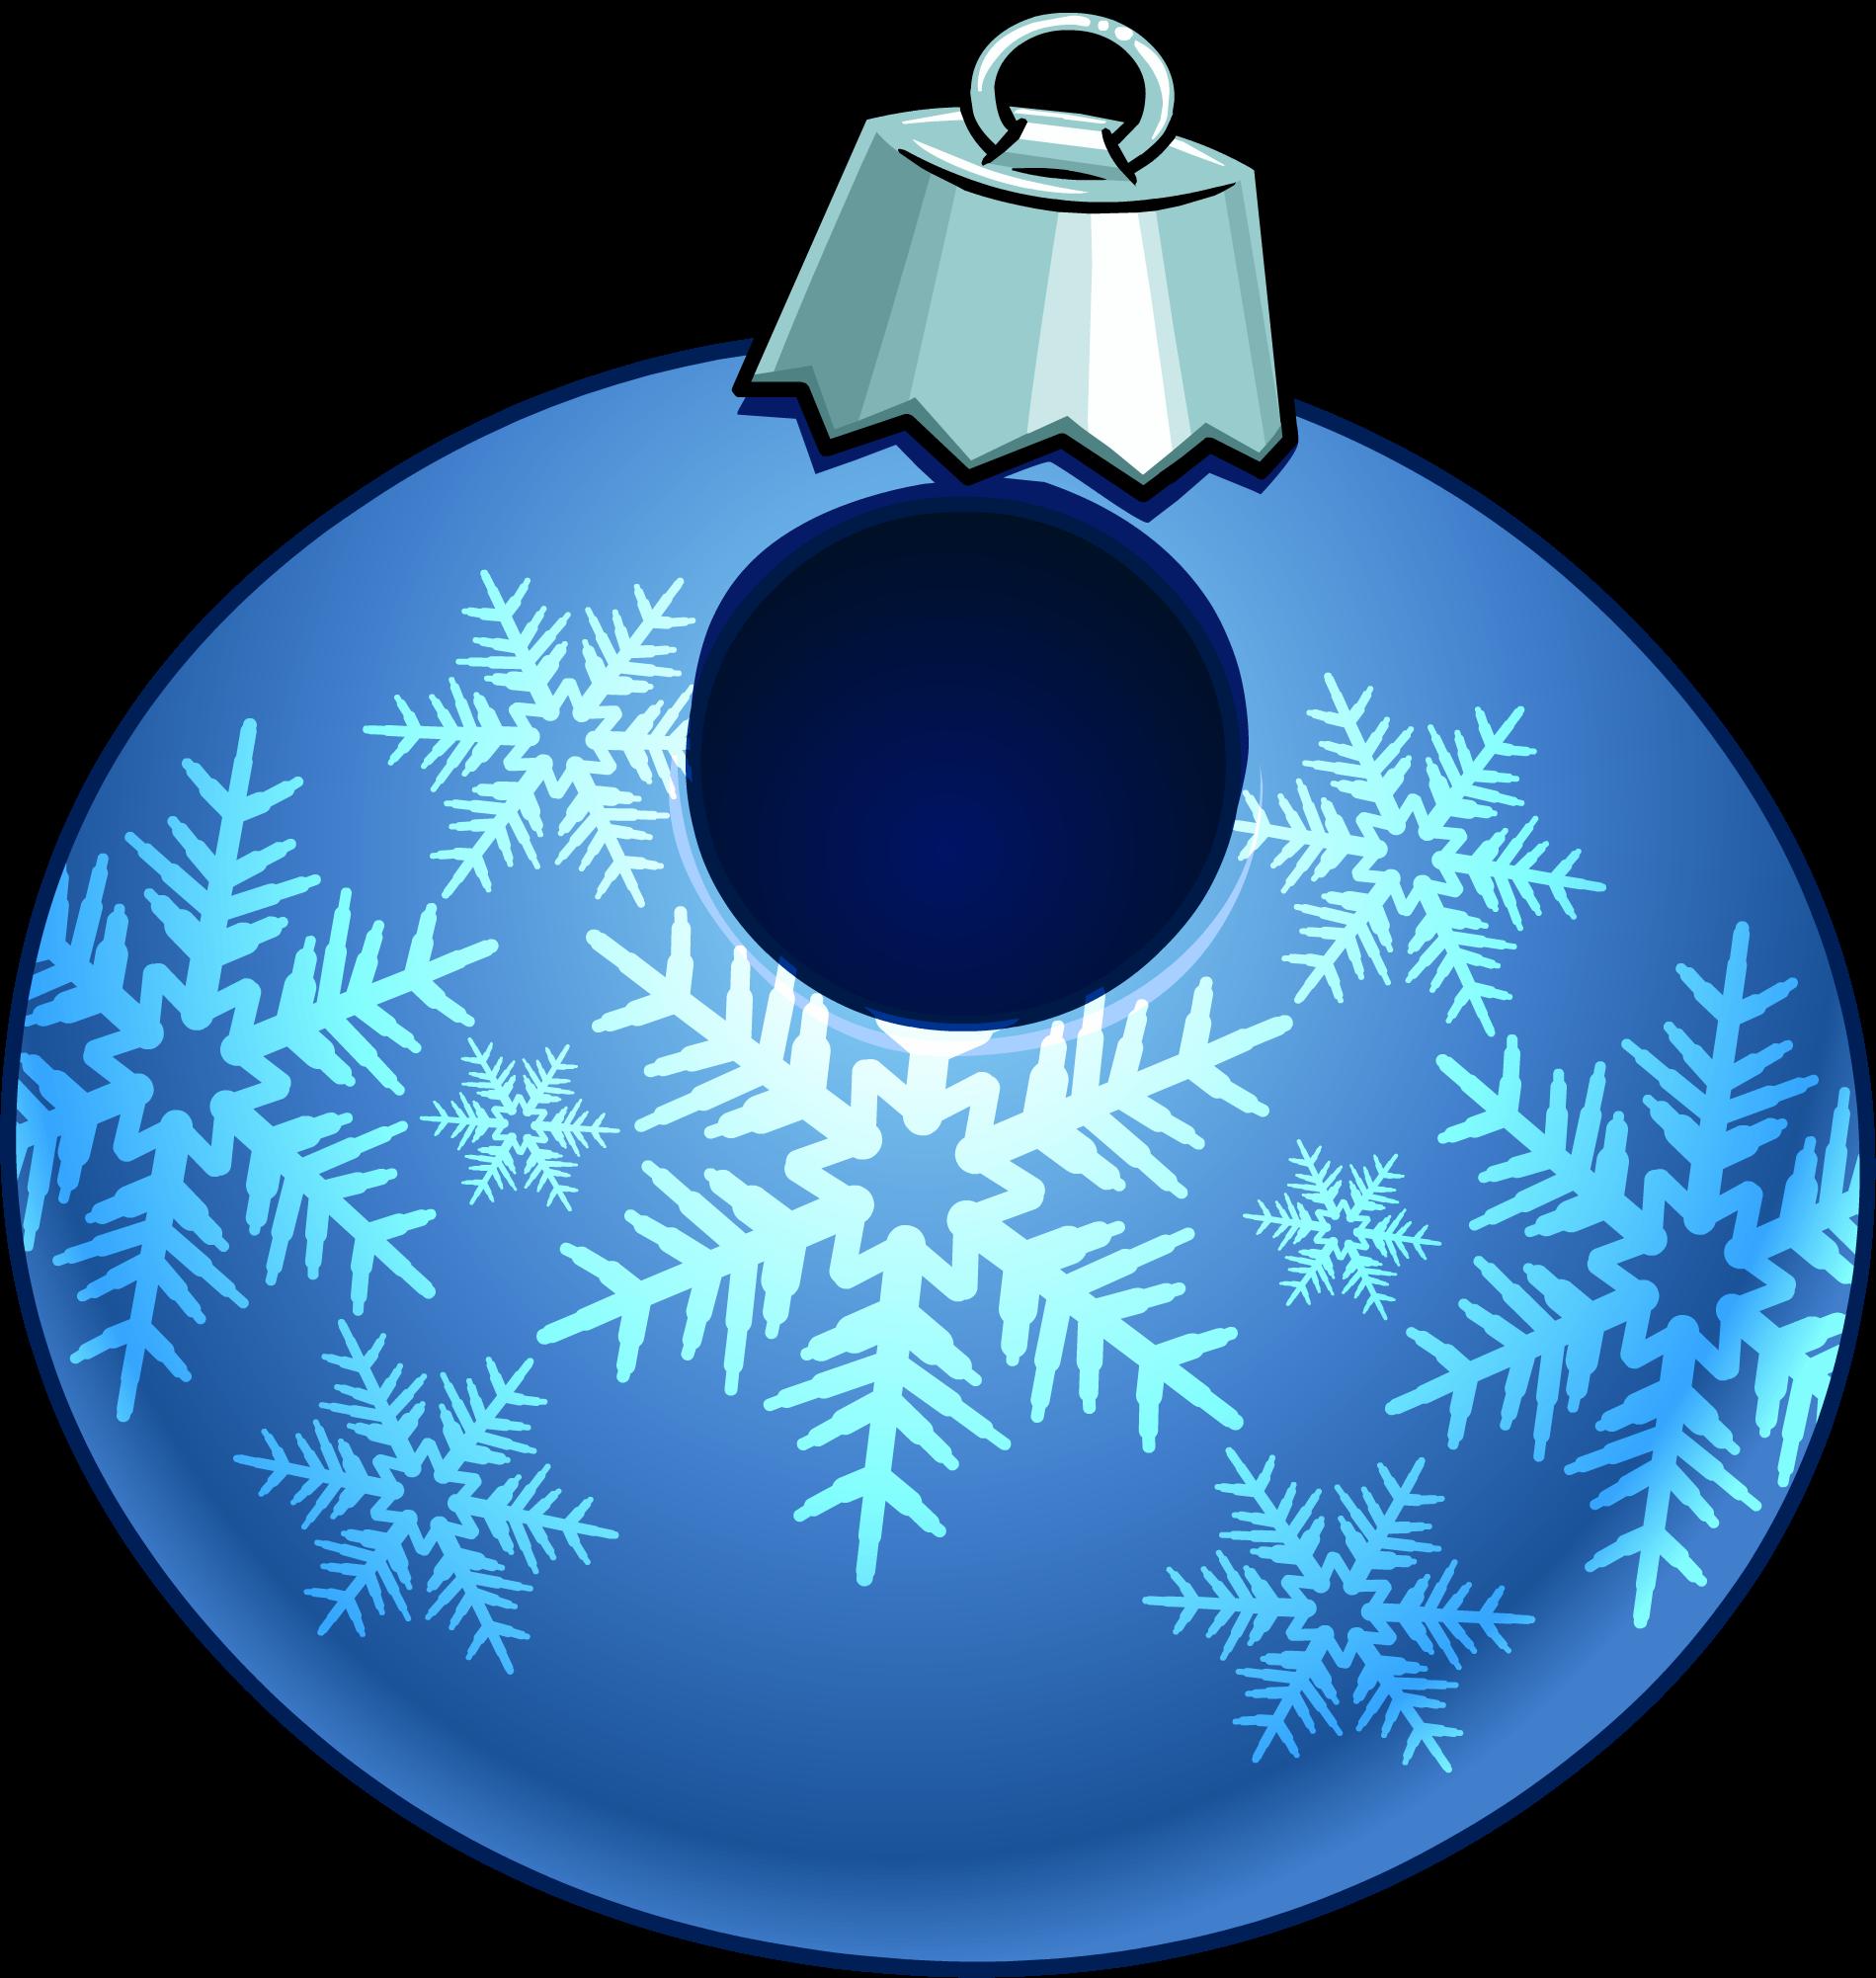 Decoration clipart bauble. Blue snowflake club penguin